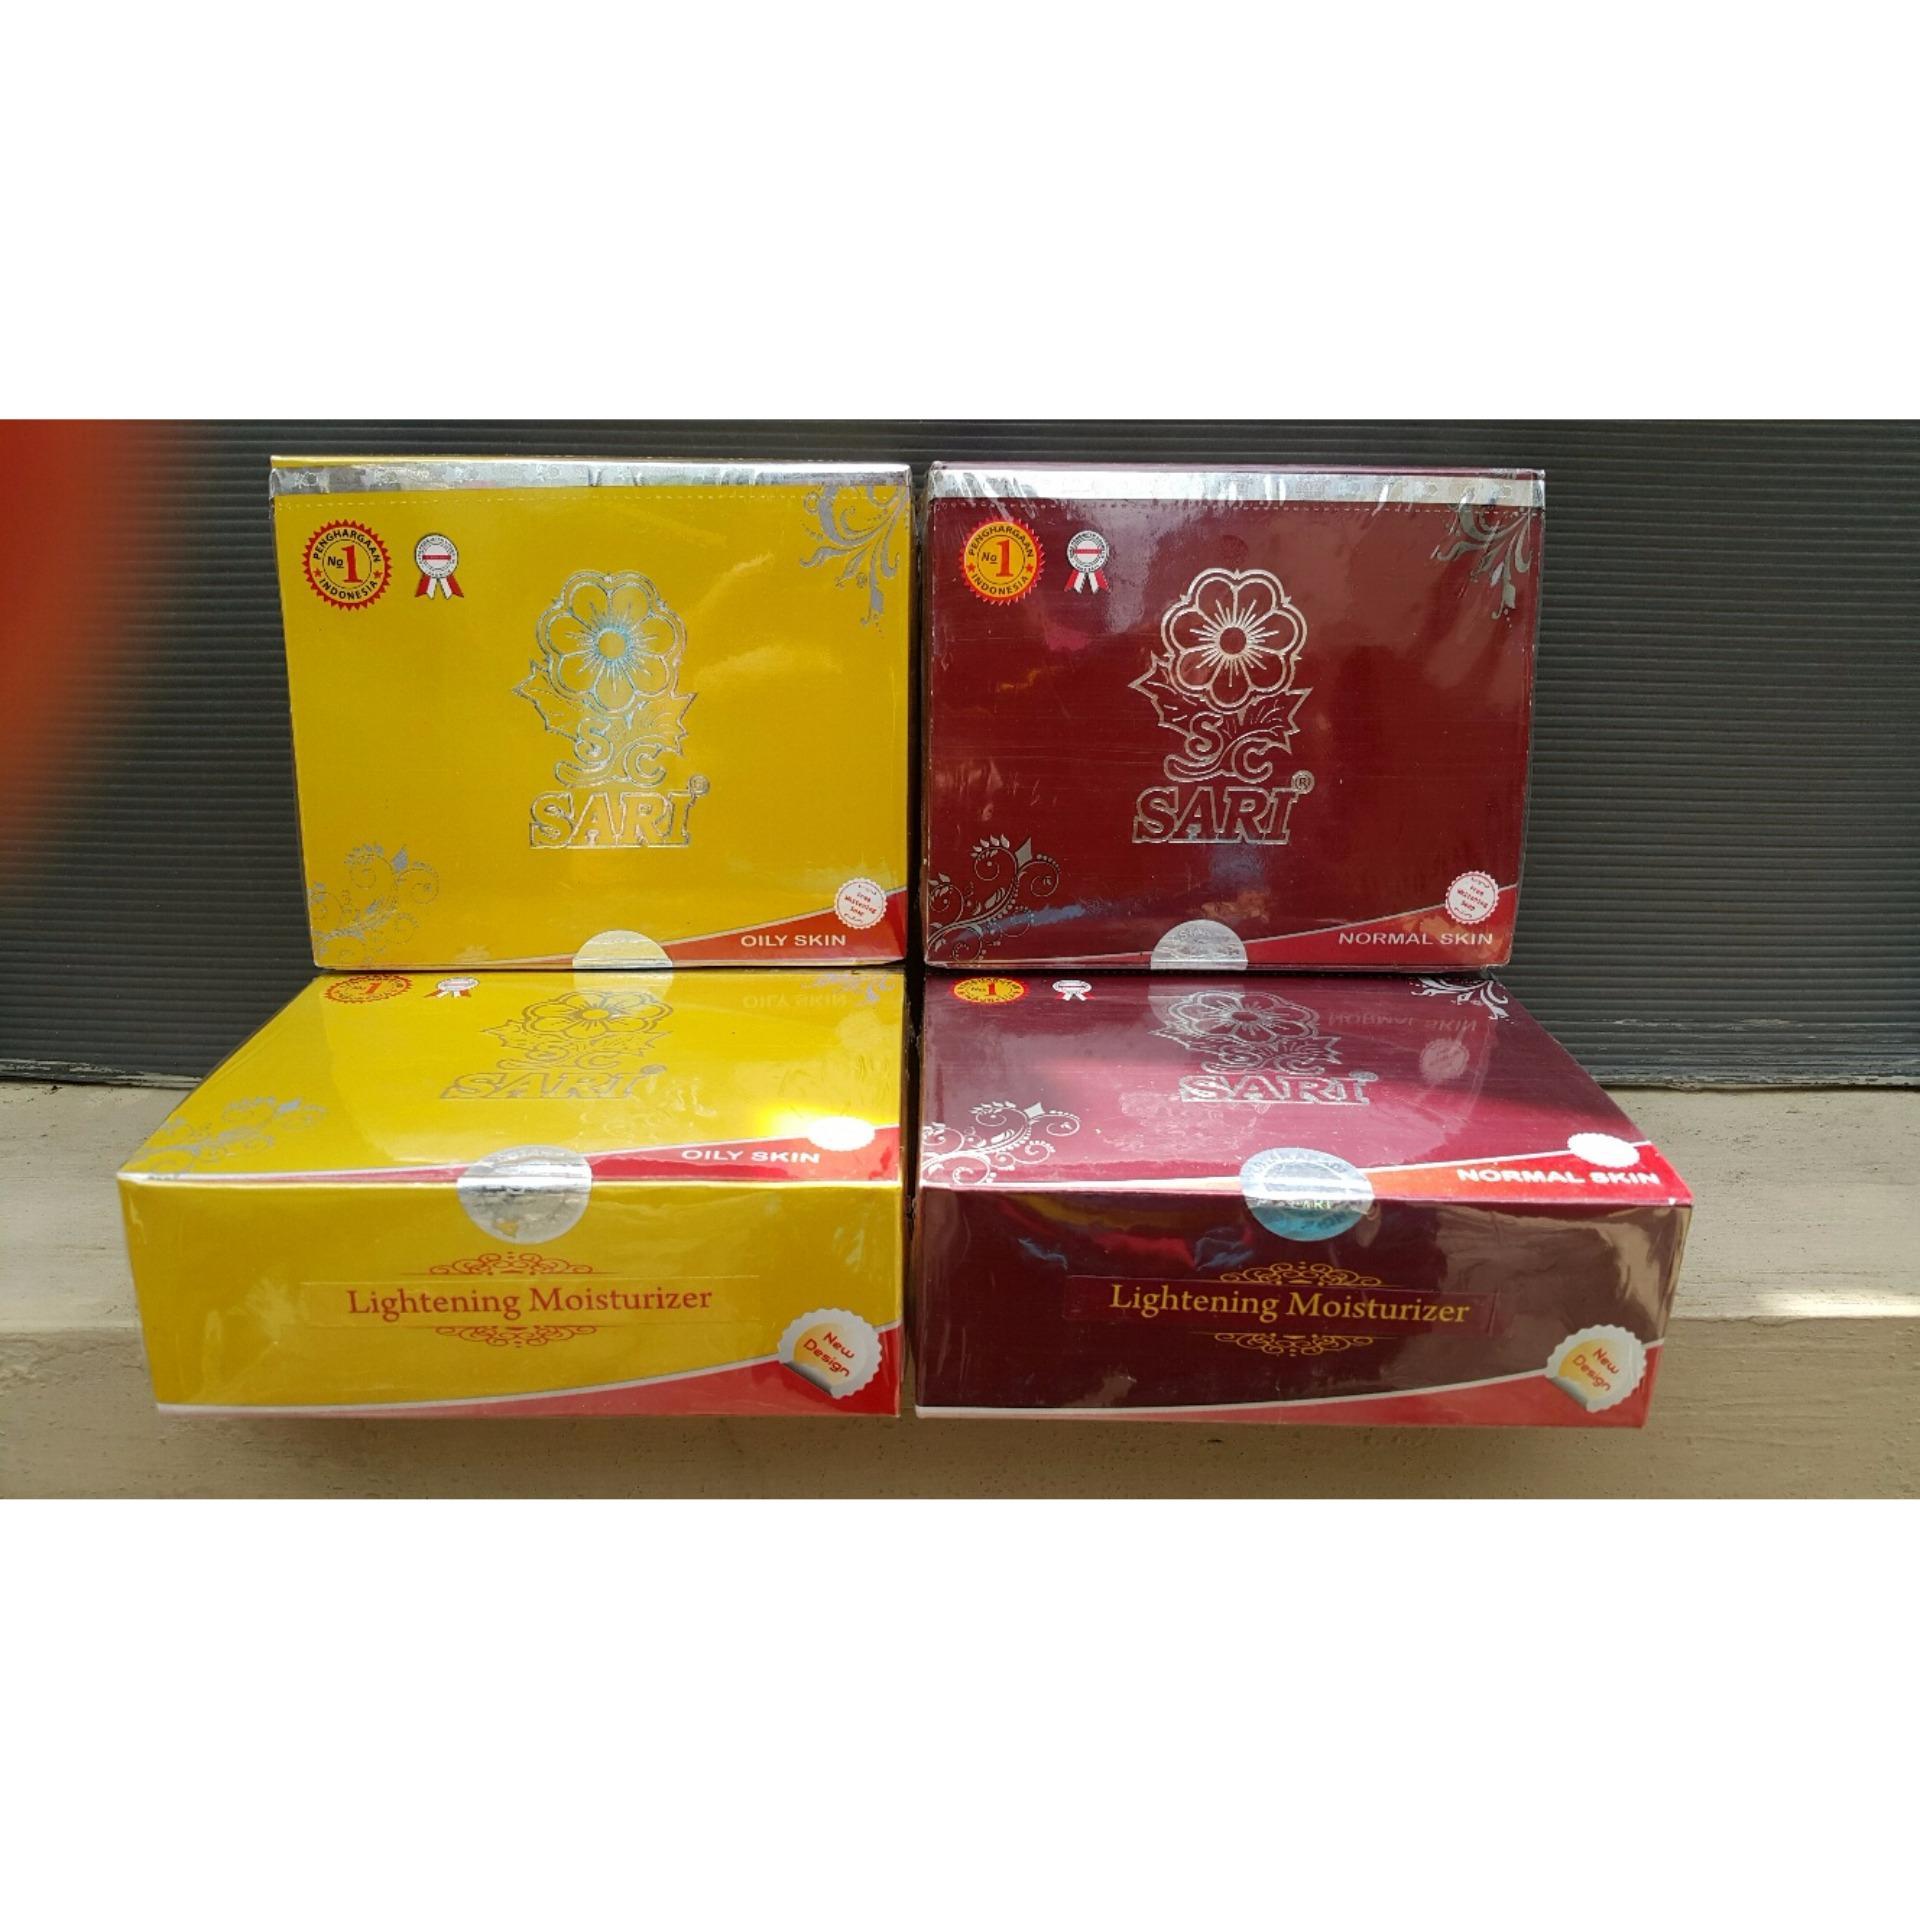 Sari Cosmetics Cream Whitening Untuk Kulit Normal Set Daftar Harga Produk Ukm Bumn Supijati Sk Bedak Tabur Berjerawat Nomor 01 Flash Sale Paket Siang Dan Malam Wajah Moisturizer